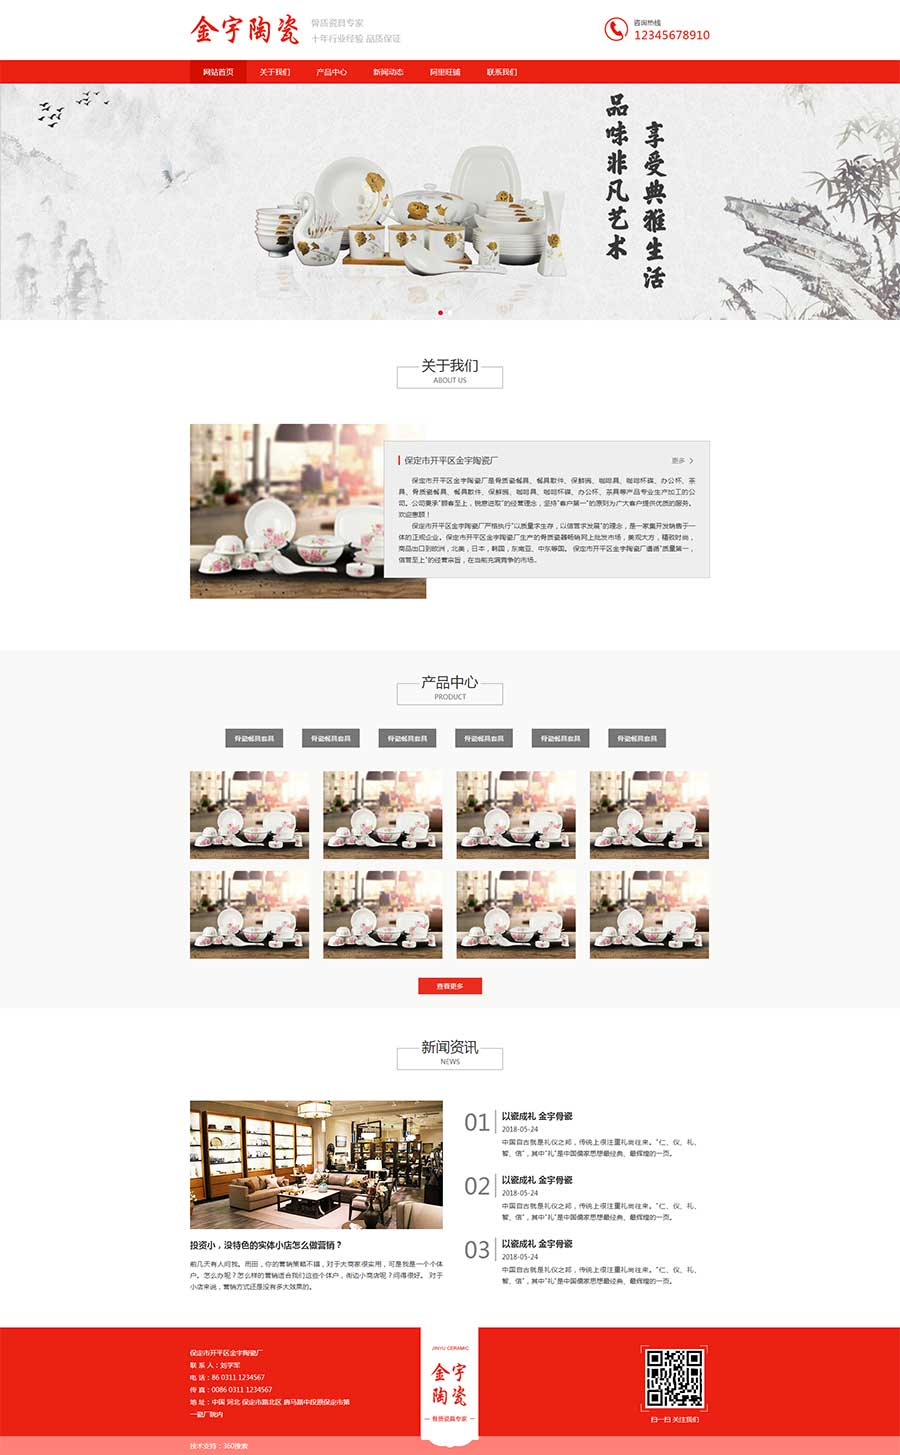 大气红色风格瓷具陶瓷公司网站模板